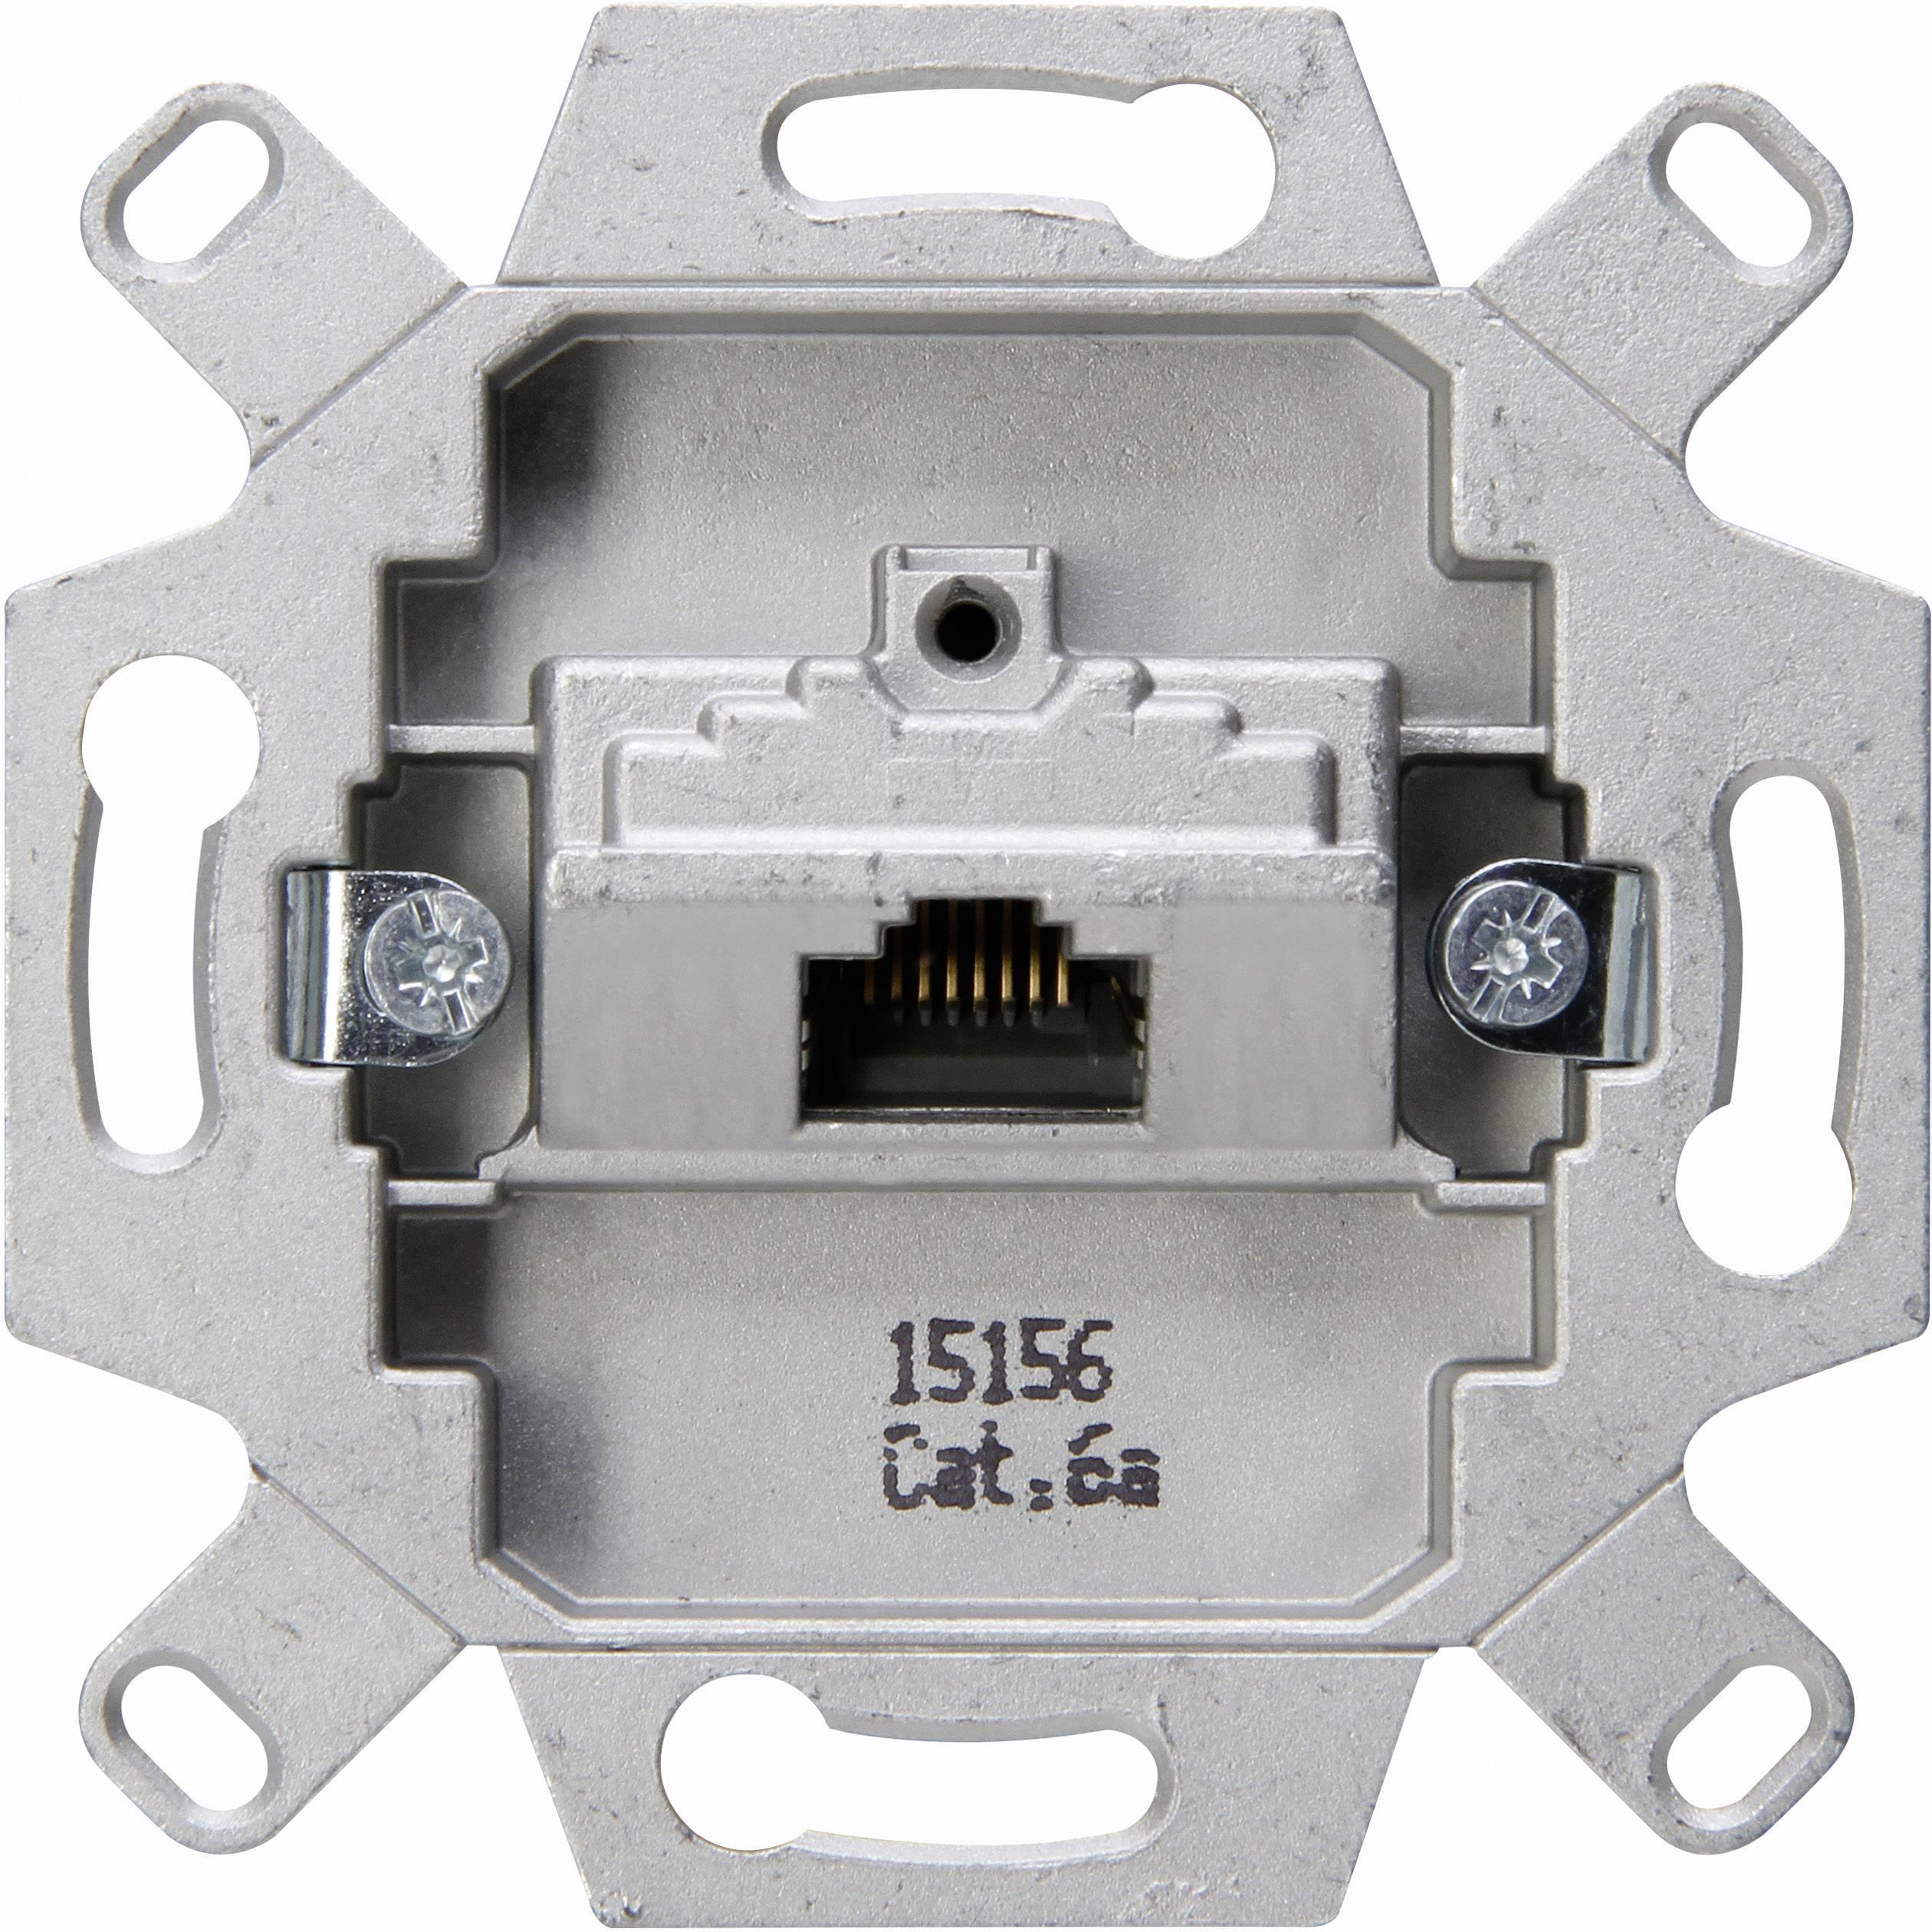 Kopp sokkel cat6 1x8p afgeschermd per 5 stuks (114401007)